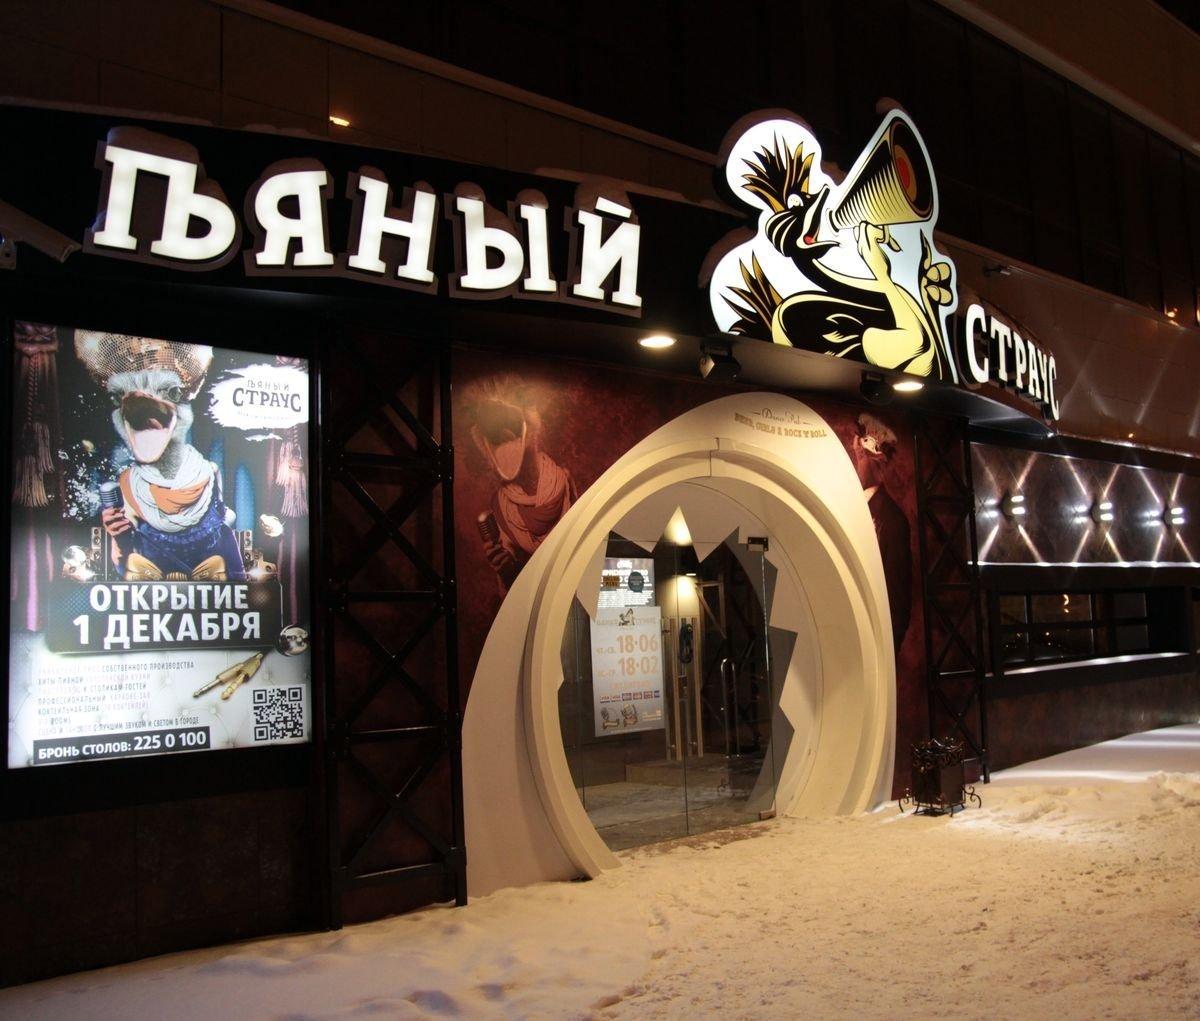 Знакомства челябинск бесплатно 23 фотография